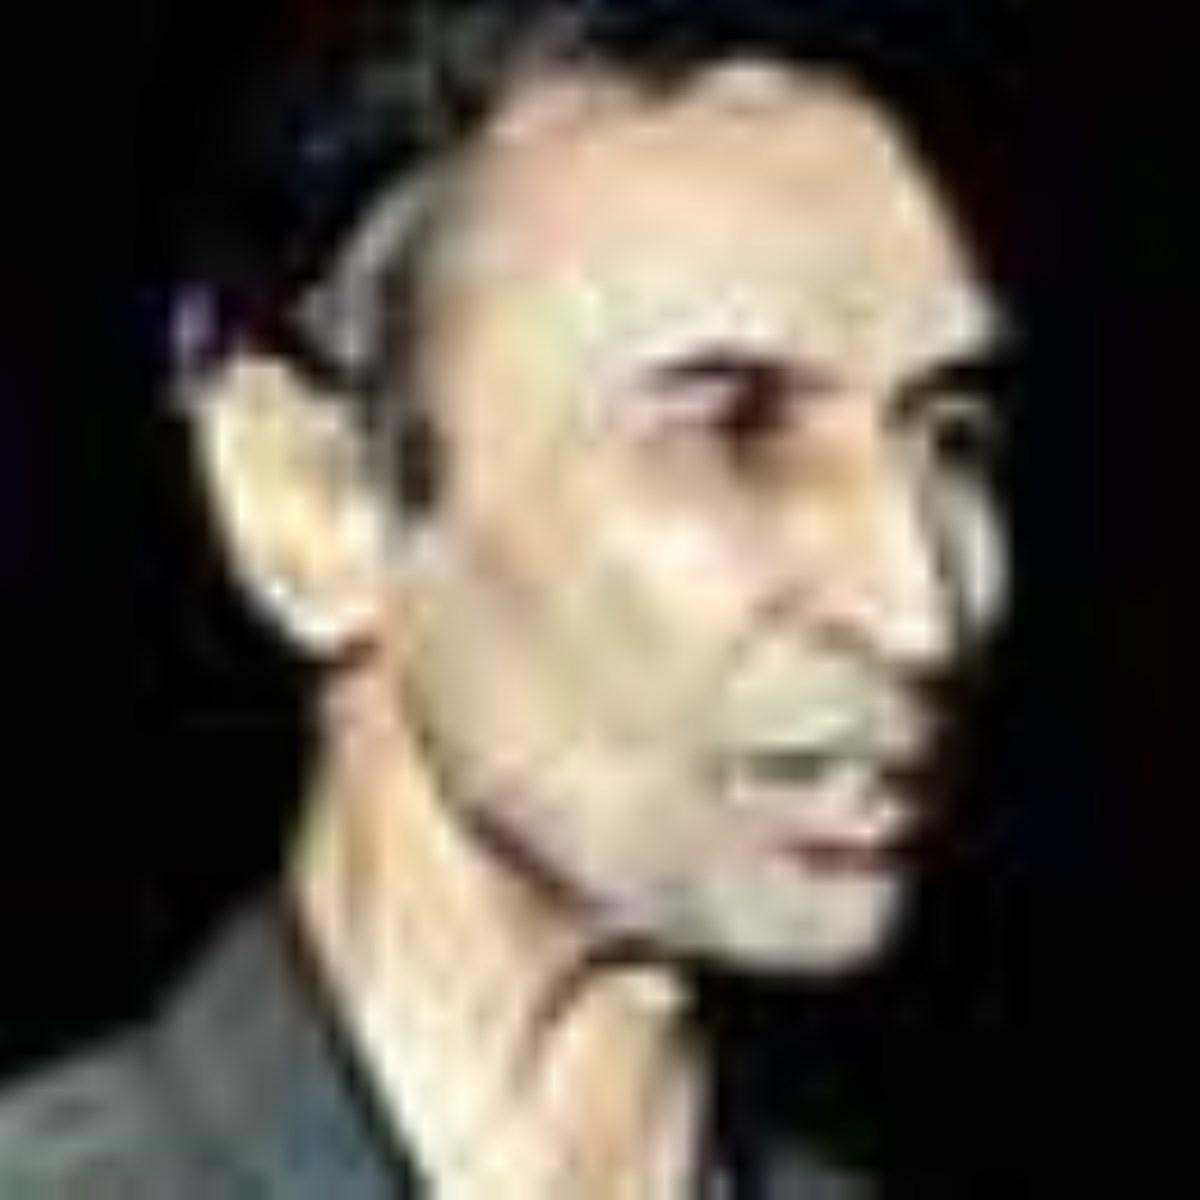 مروری بر زندگی و آثار احمد آقالو و گفتگویی ماندگار از وی